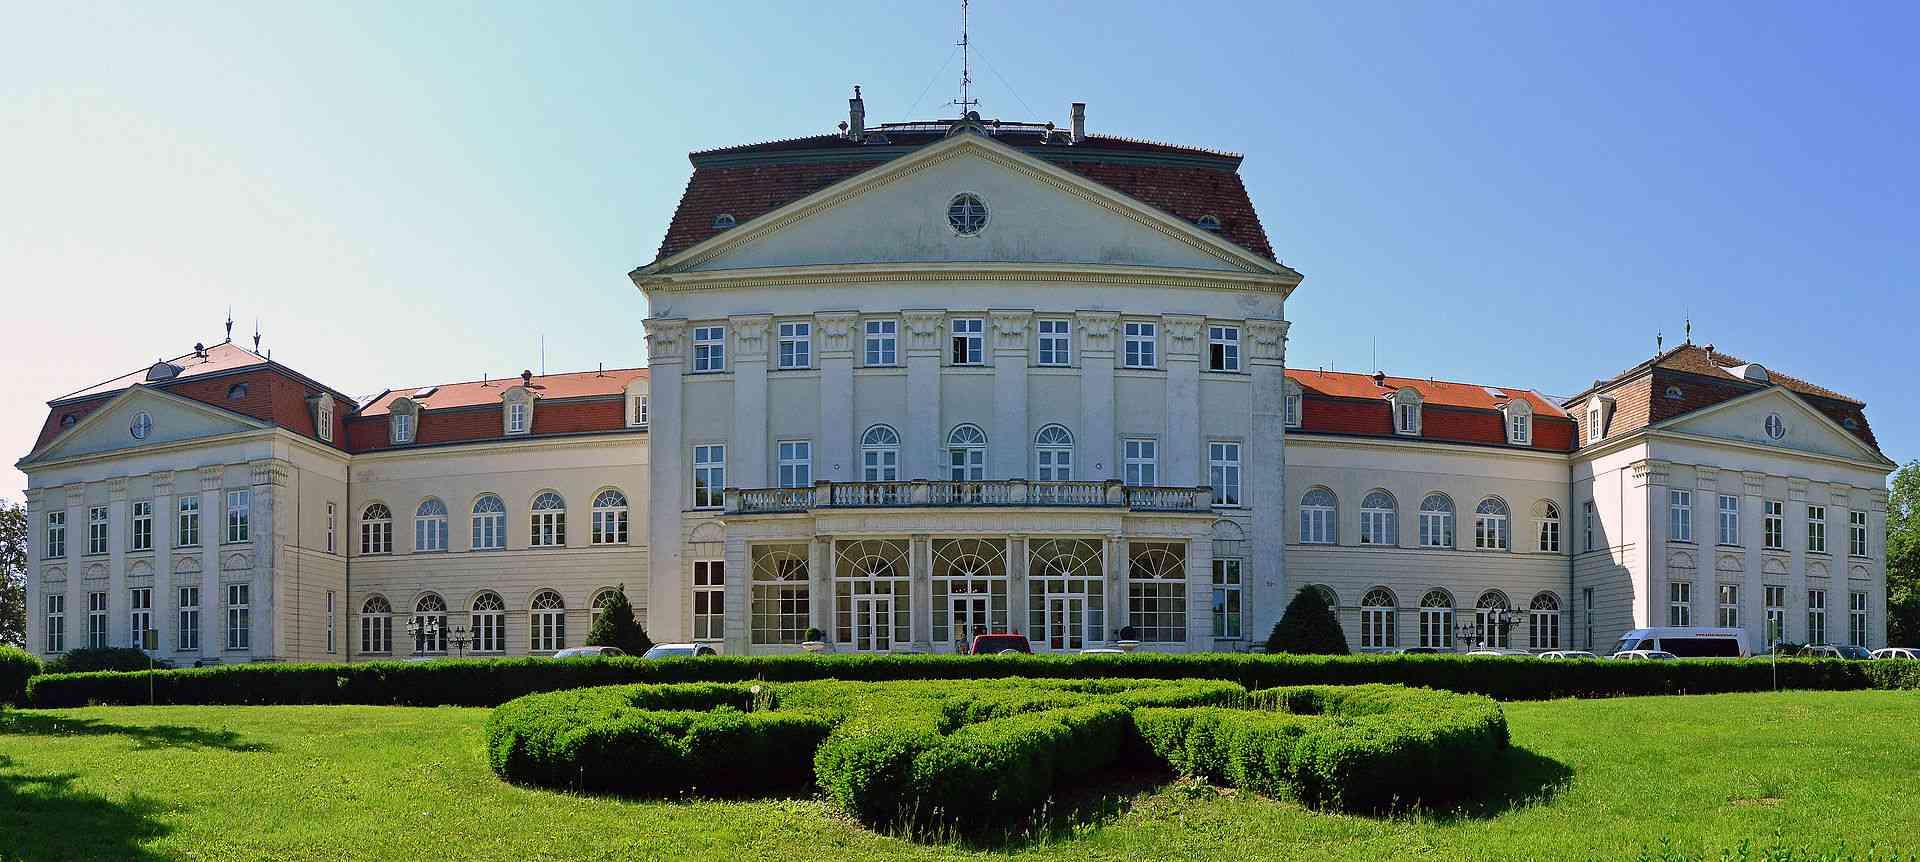 © Wiki Commons/HeinzLW